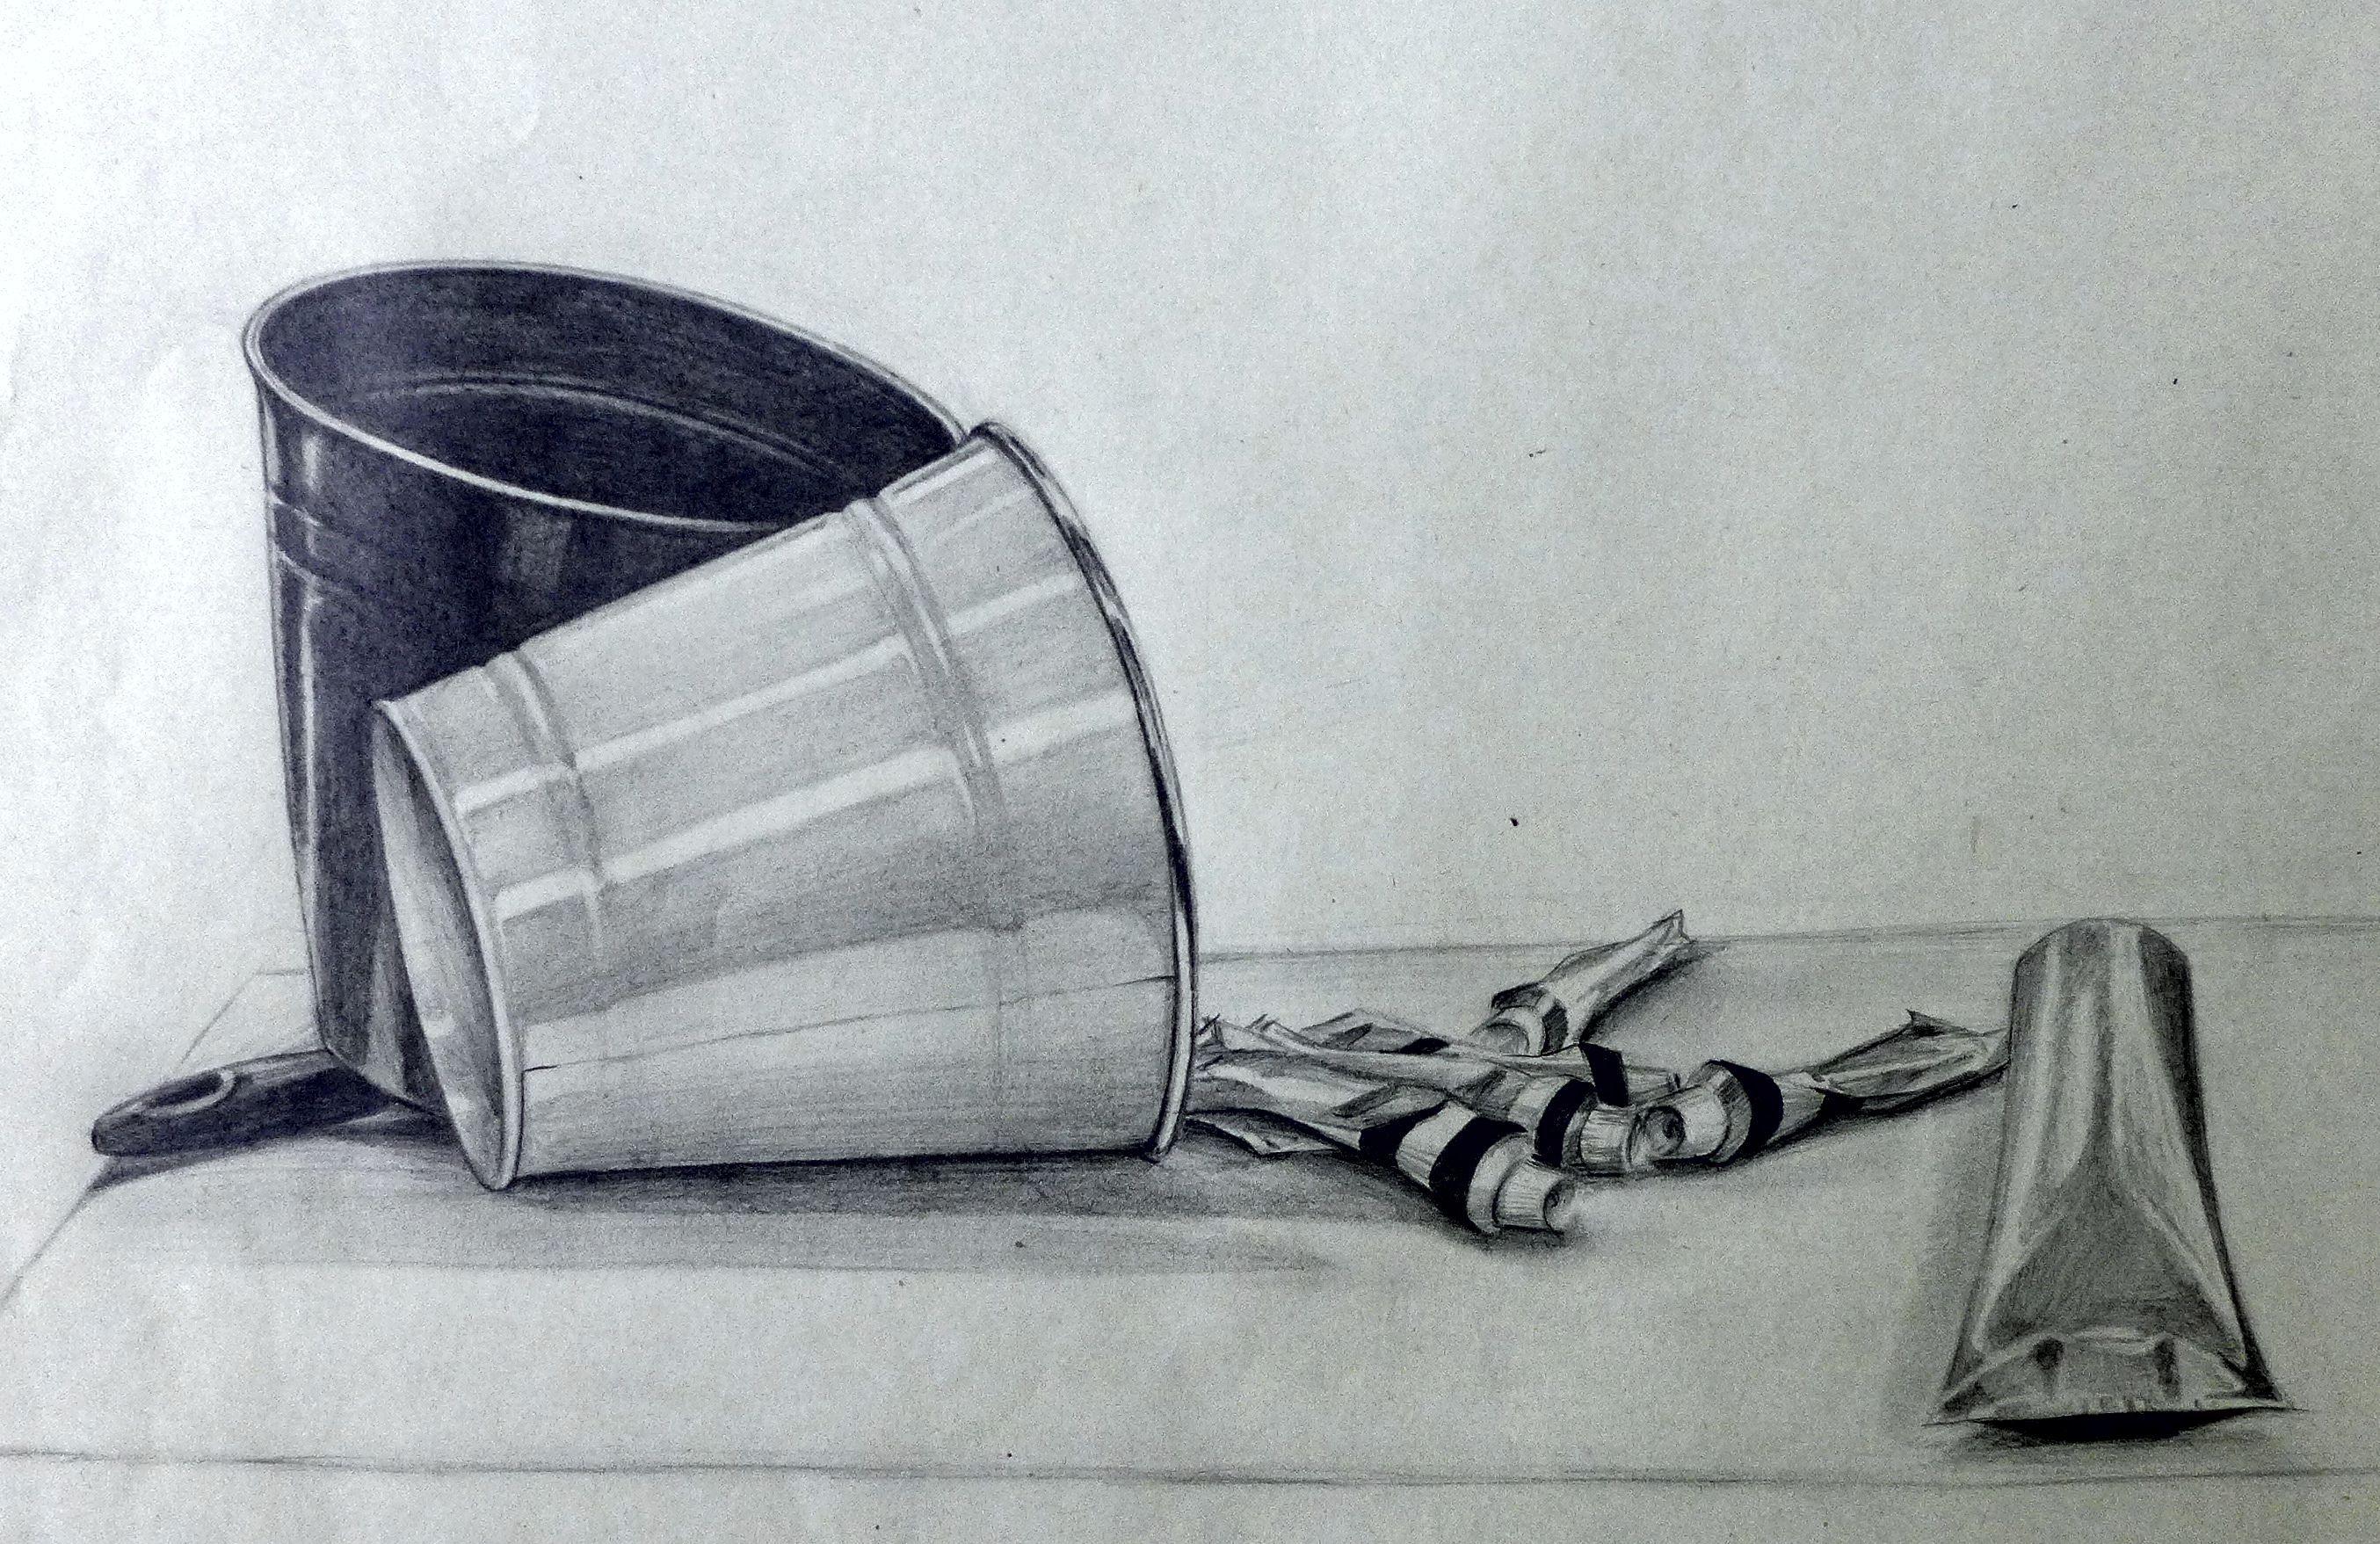 Kresba tužkou - zátišie | Dizajn - priemyselný dizajn, 1-2 ročník ...